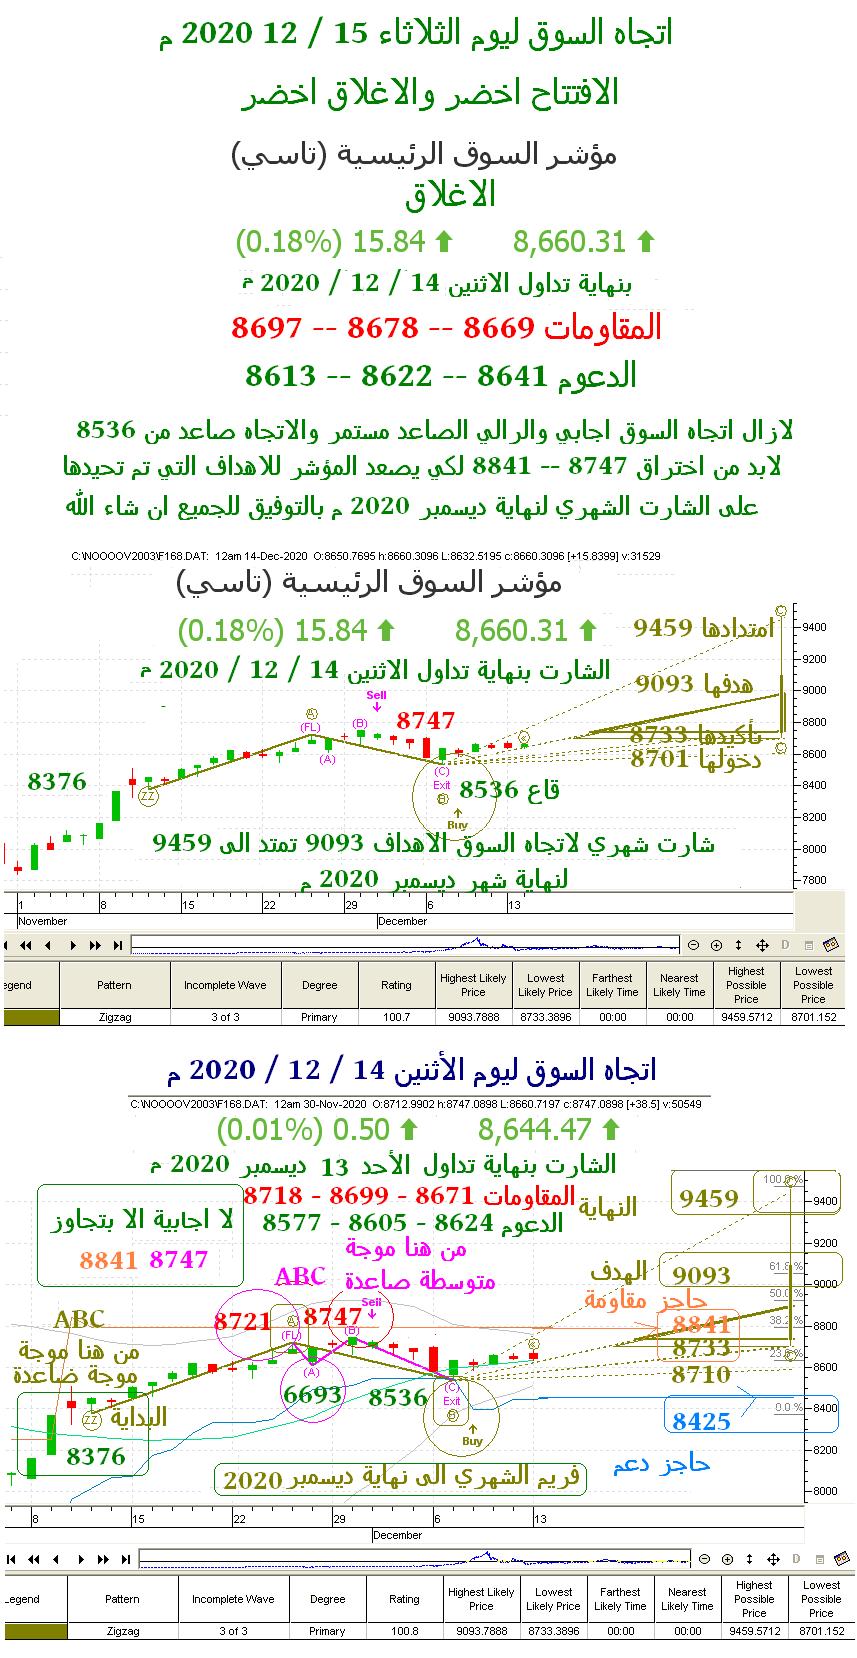 اتجاه السوق ليوم الثلاثاء 15 / 12 / 2020 م